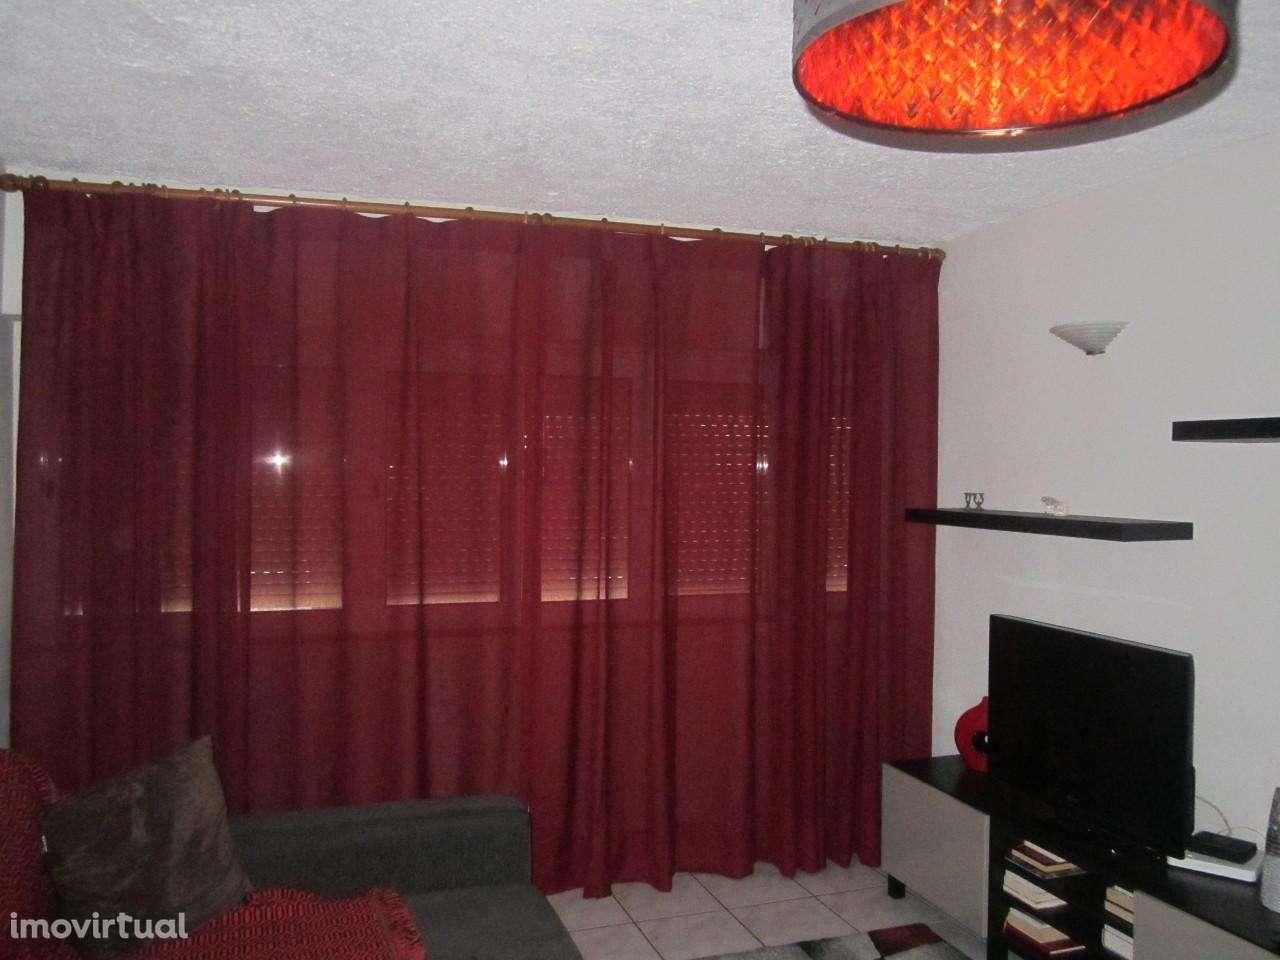 Apartamento para comprar, S. João da Madeira, São João da Madeira, Aveiro - Foto 6